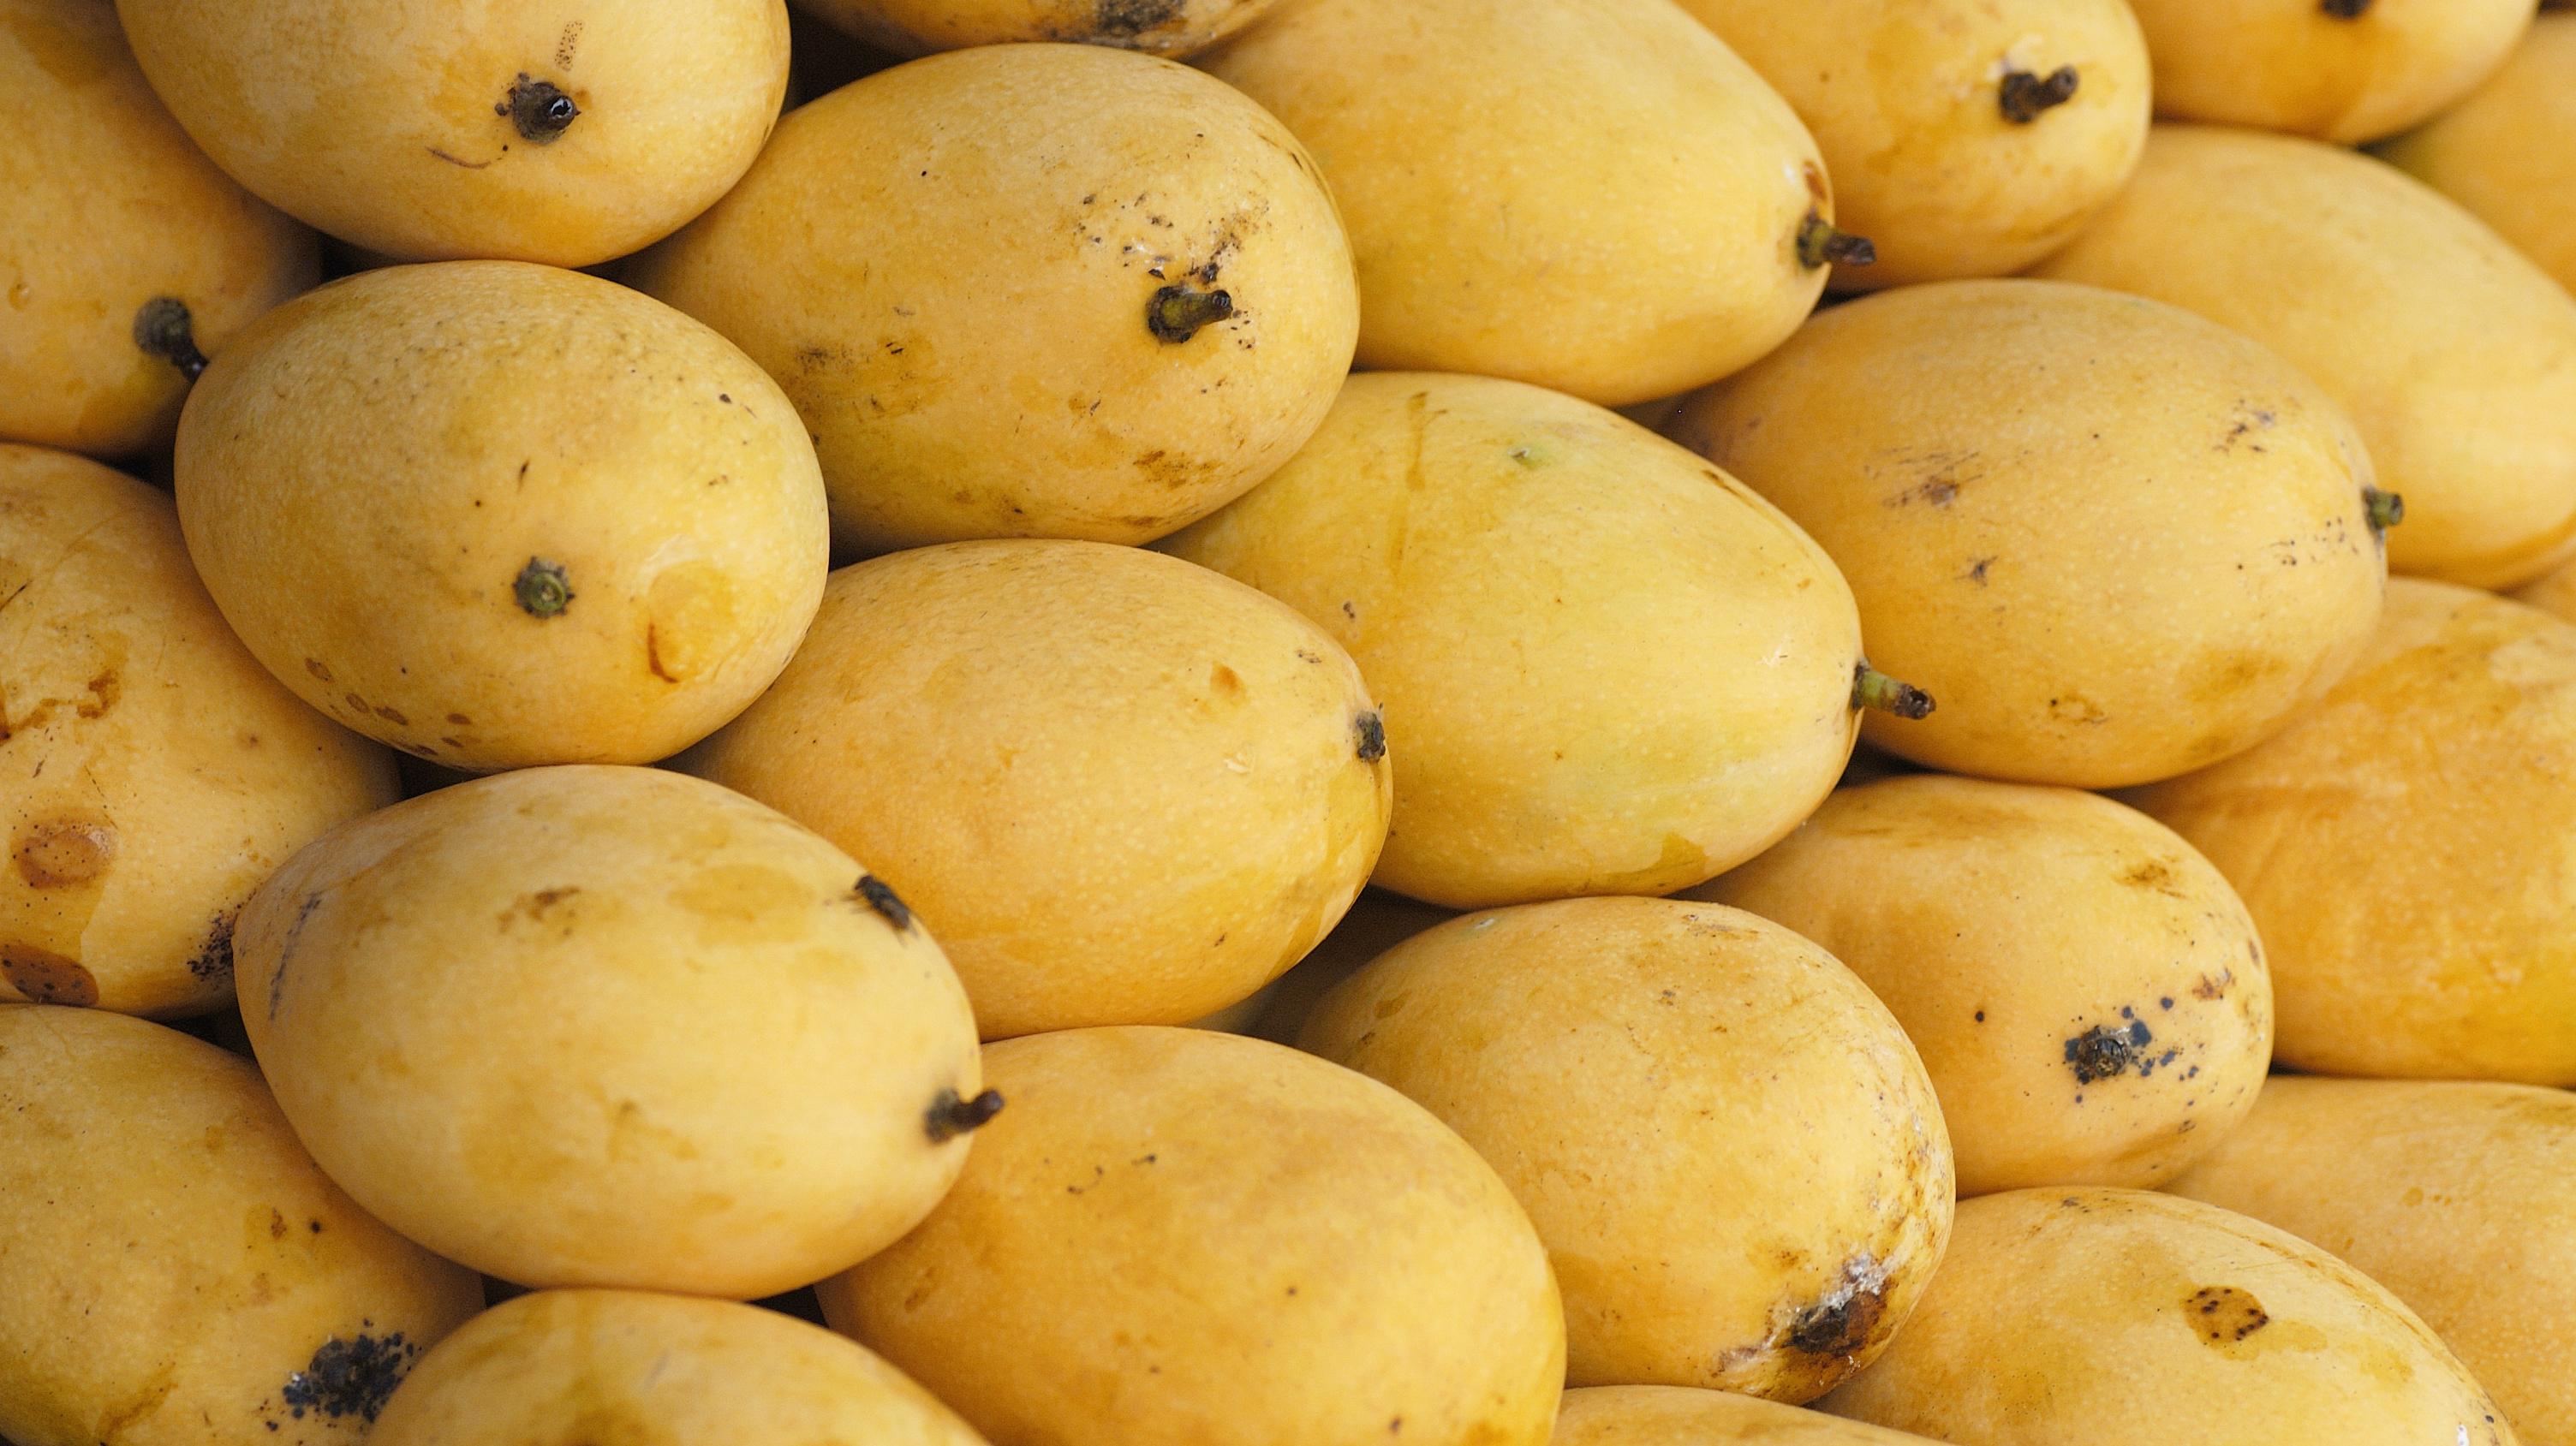 Ph mangoes to star at this year's Gulfood